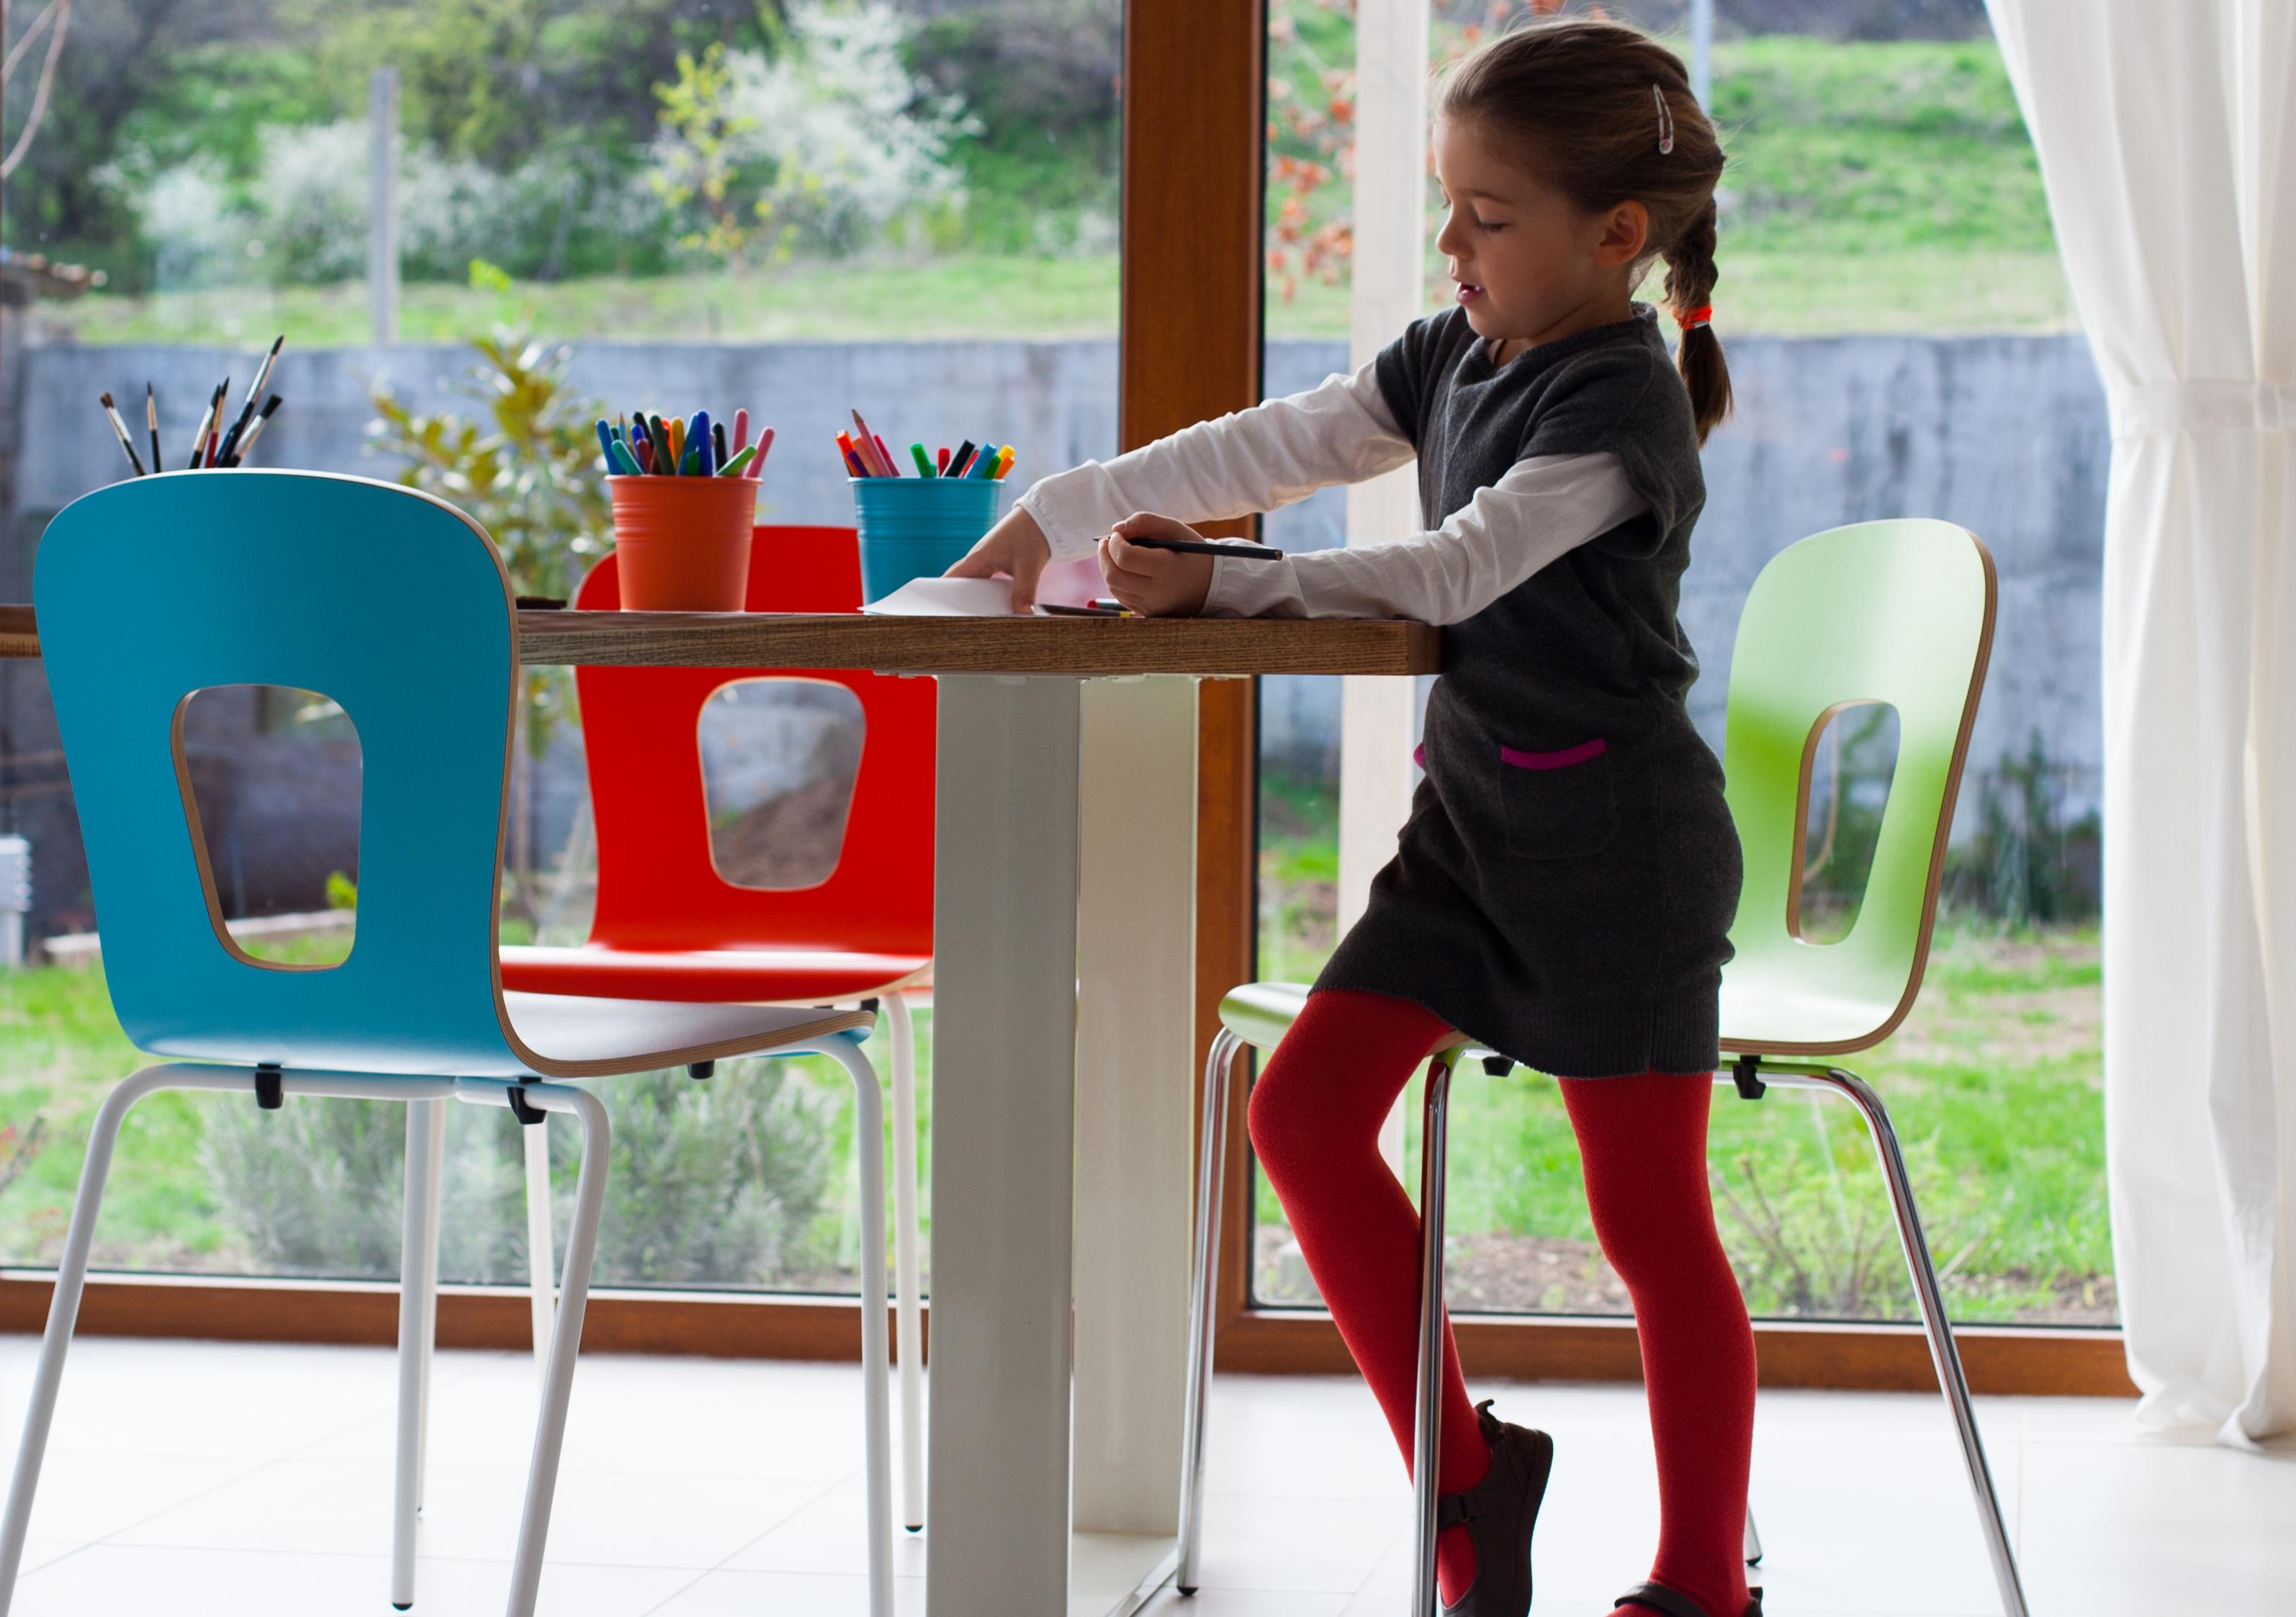 Stuhlpapst hochwertige stapelst hle tische for Hochwertige tische